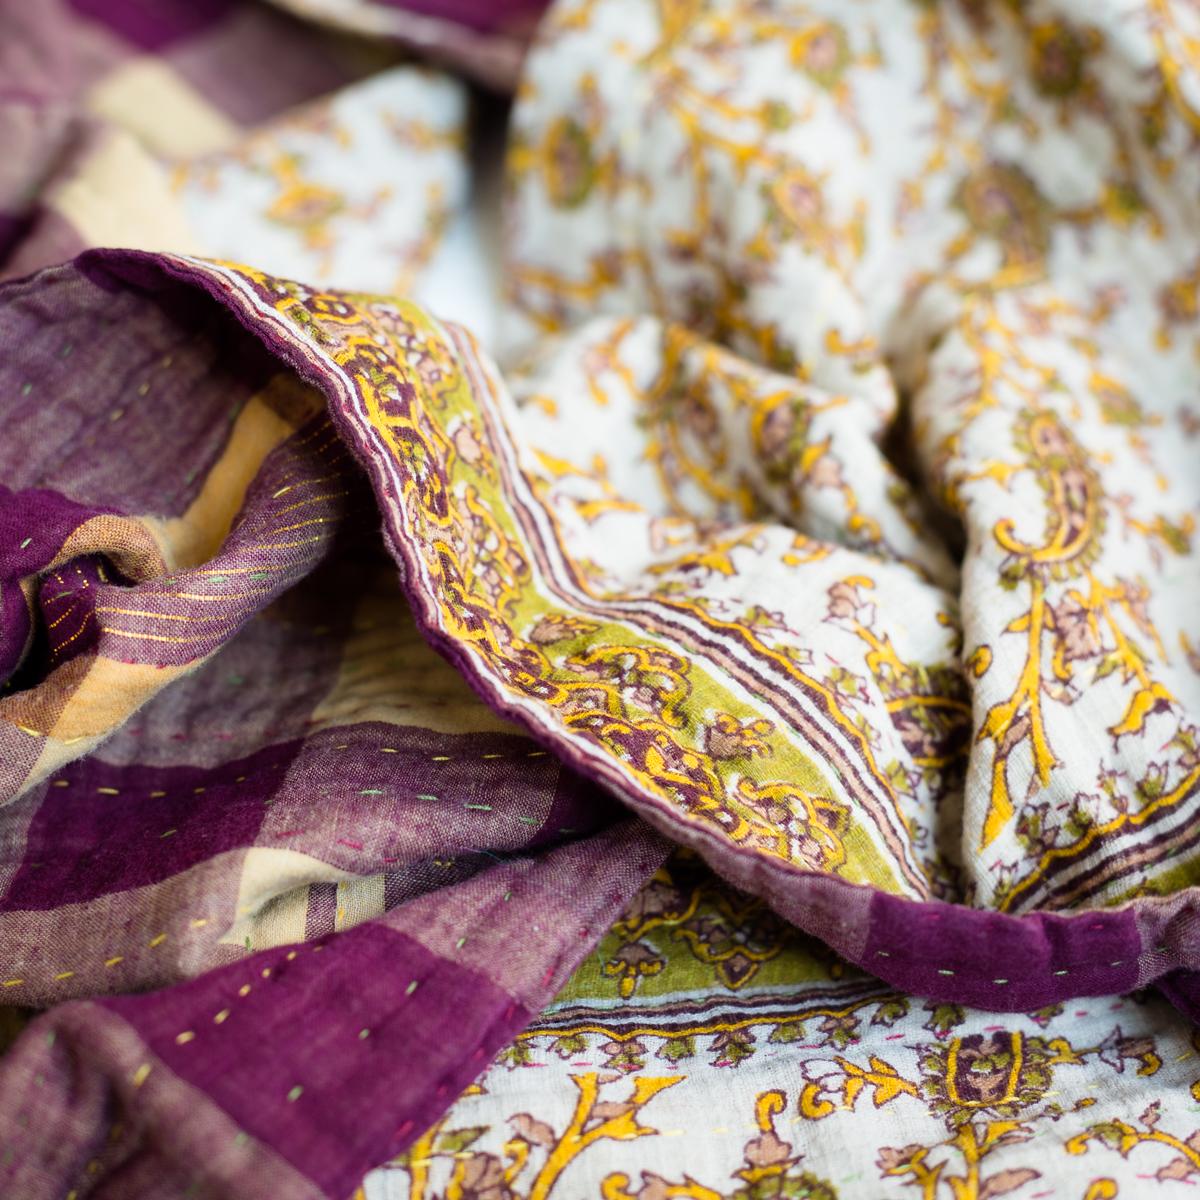 Kantha cotton scarf squarish